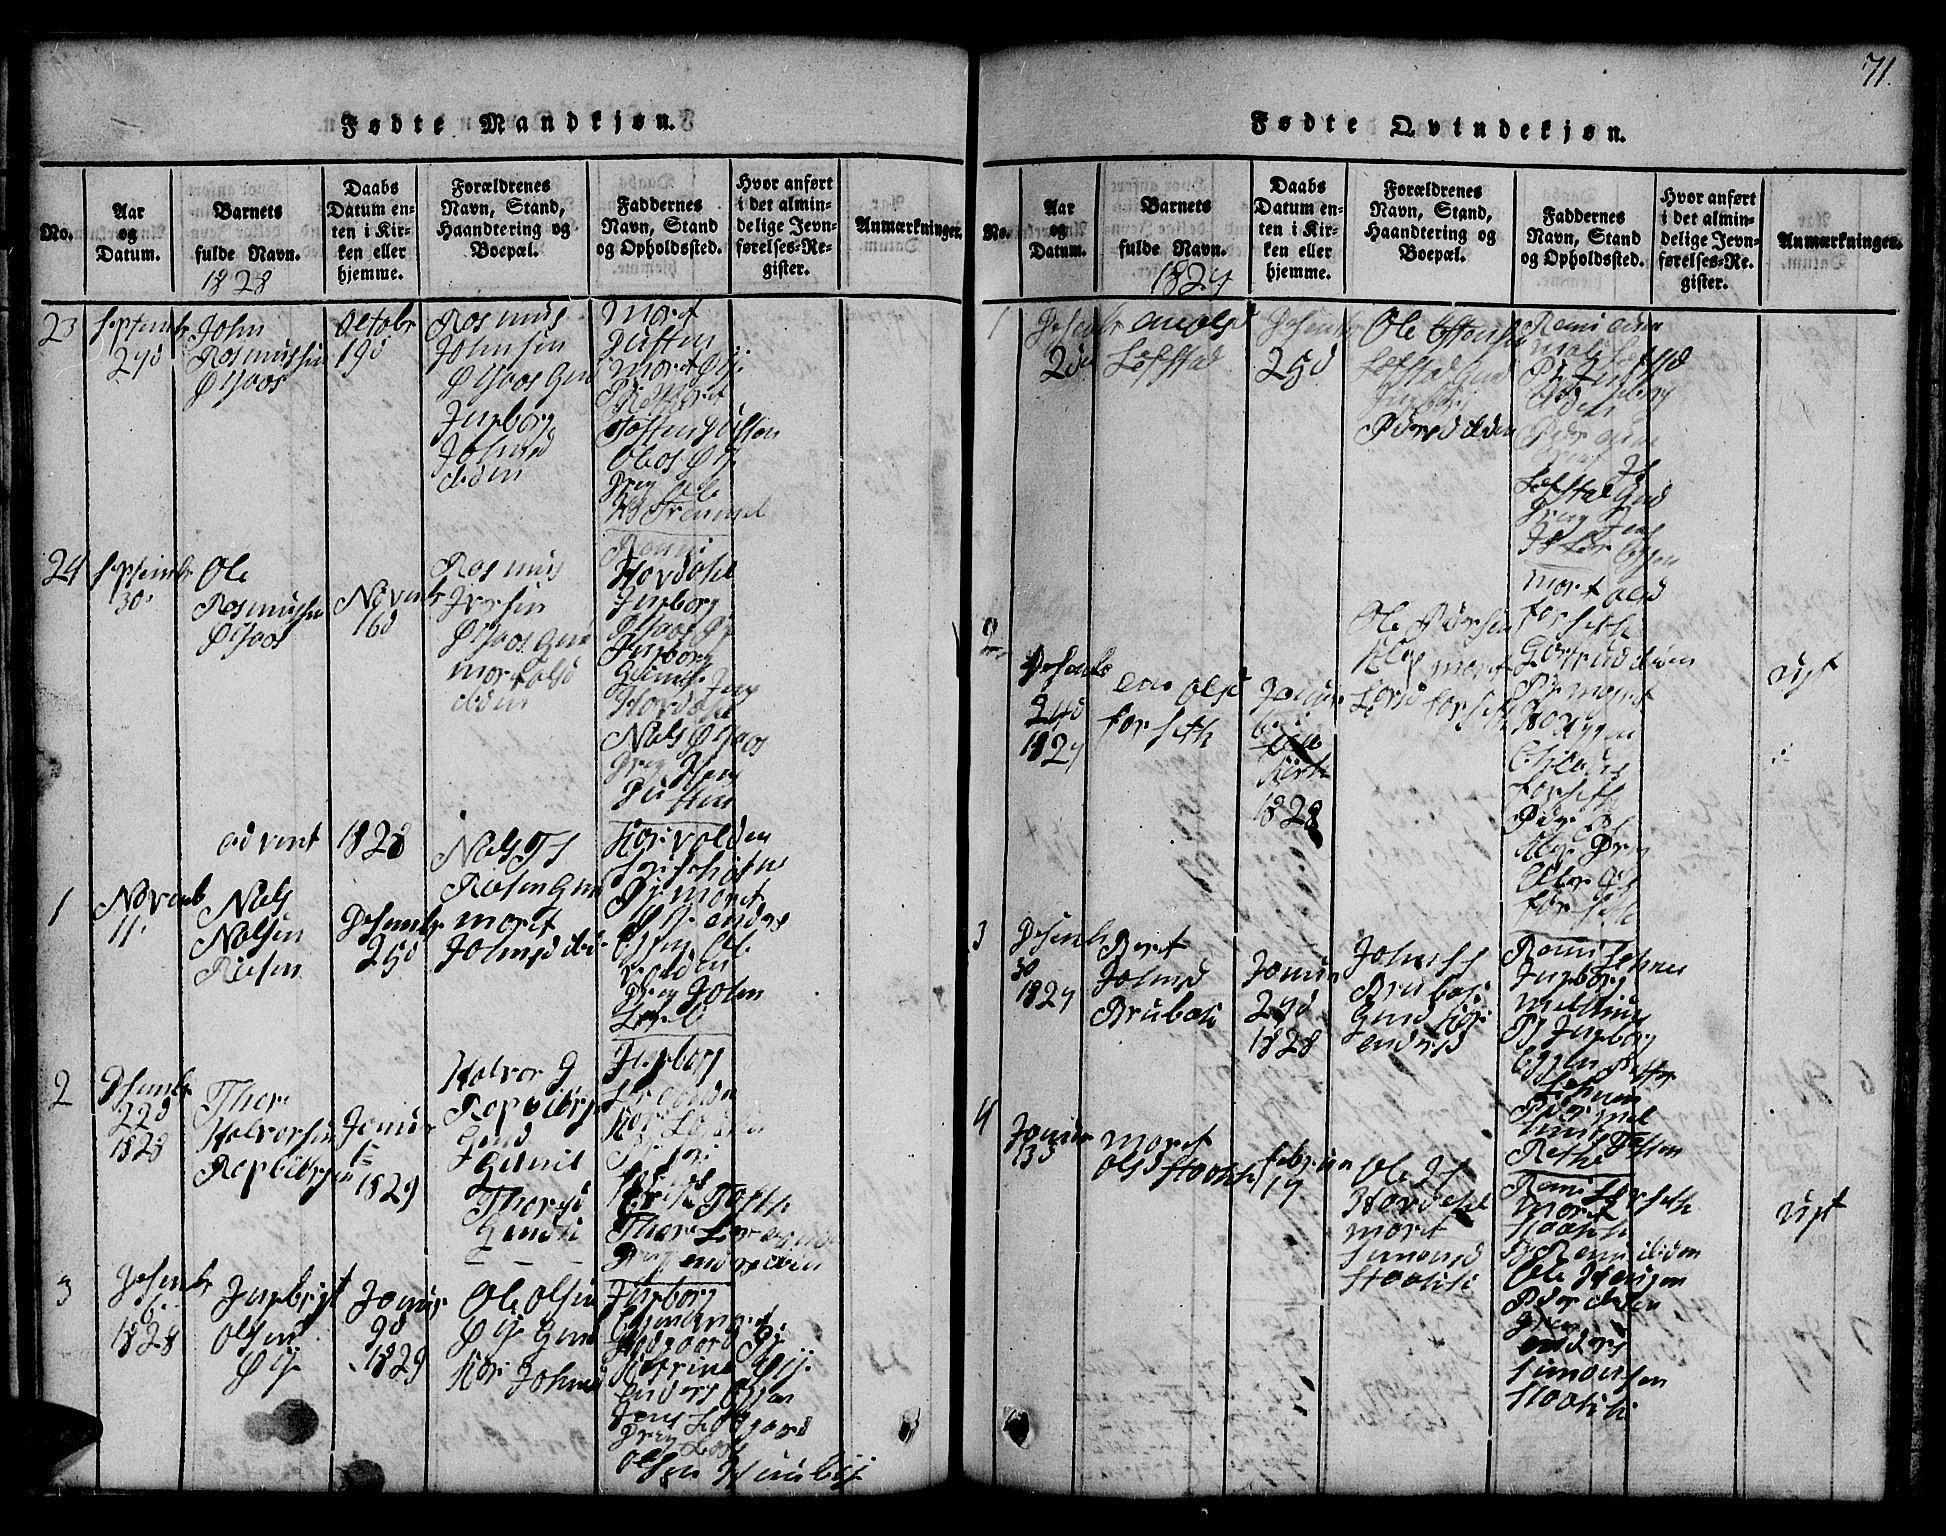 SAT, Ministerialprotokoller, klokkerbøker og fødselsregistre - Sør-Trøndelag, 691/L1092: Klokkerbok nr. 691C03, 1816-1852, s. 71